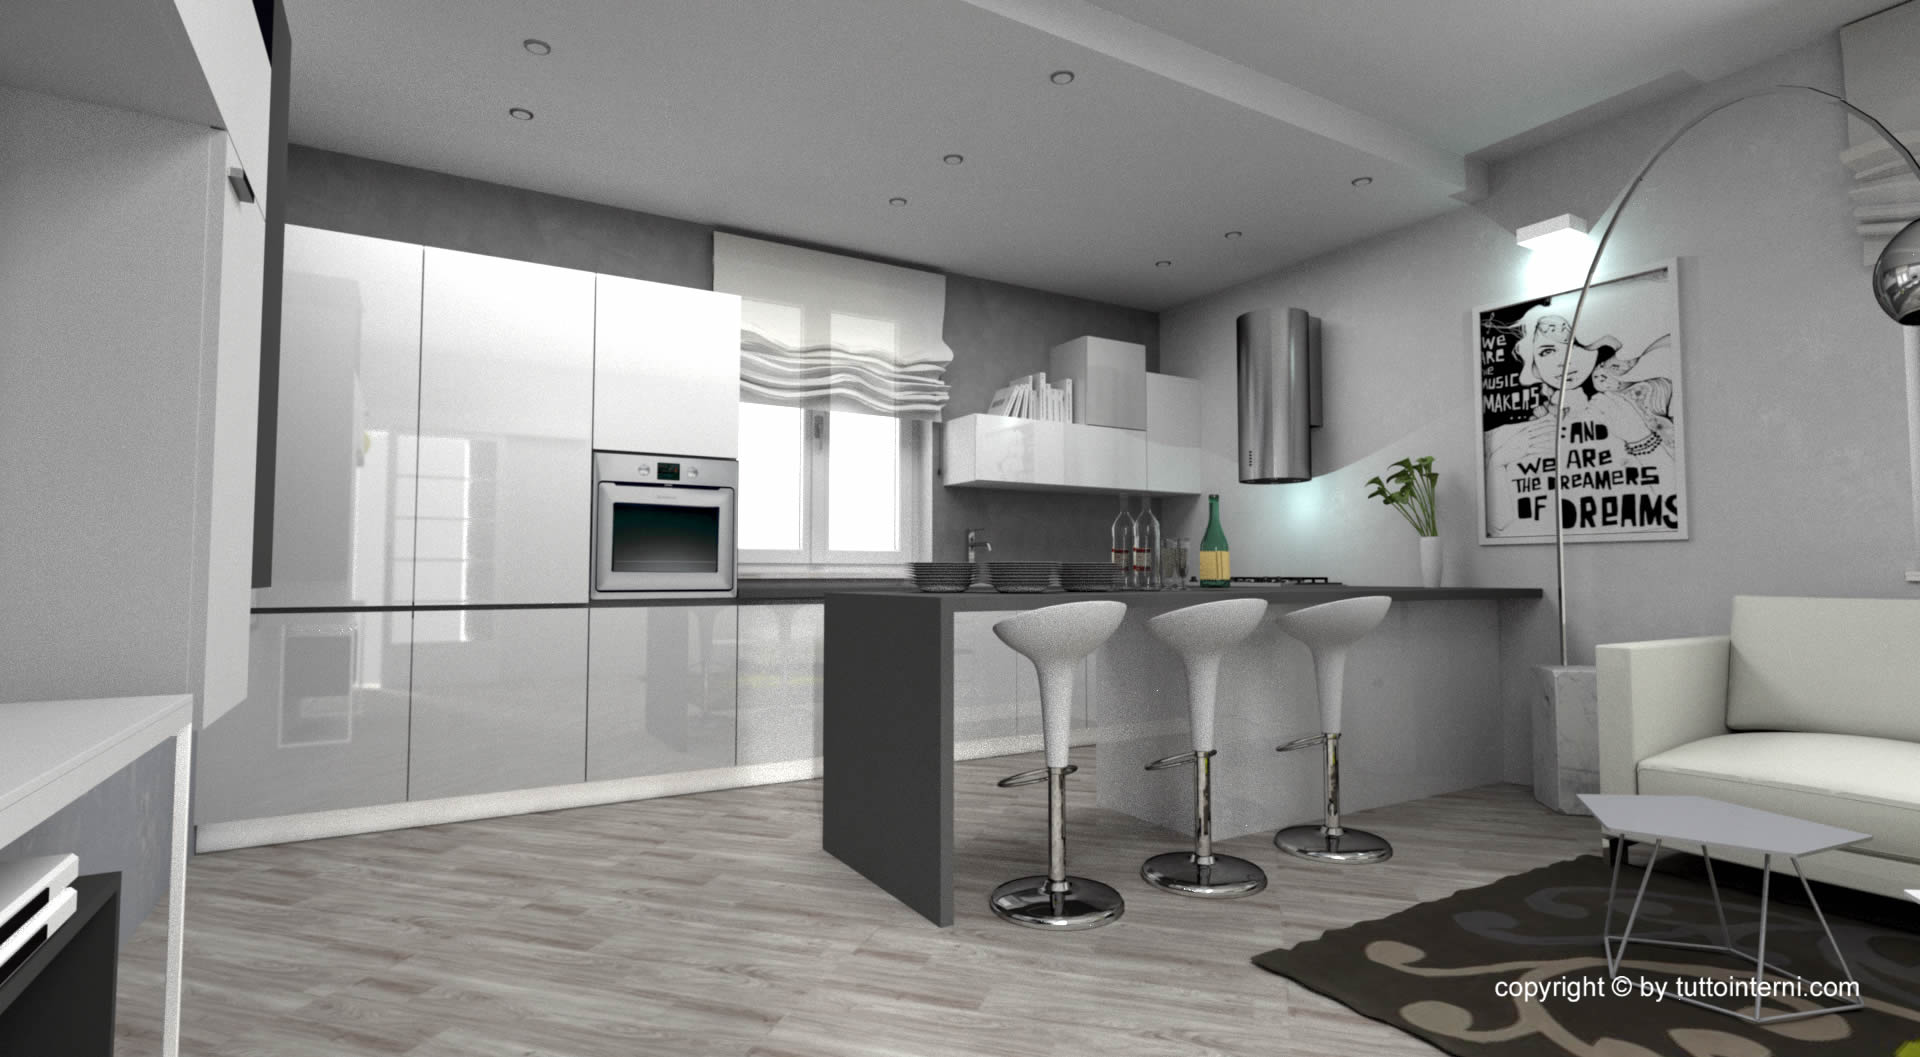 progettazione arredamento cucine